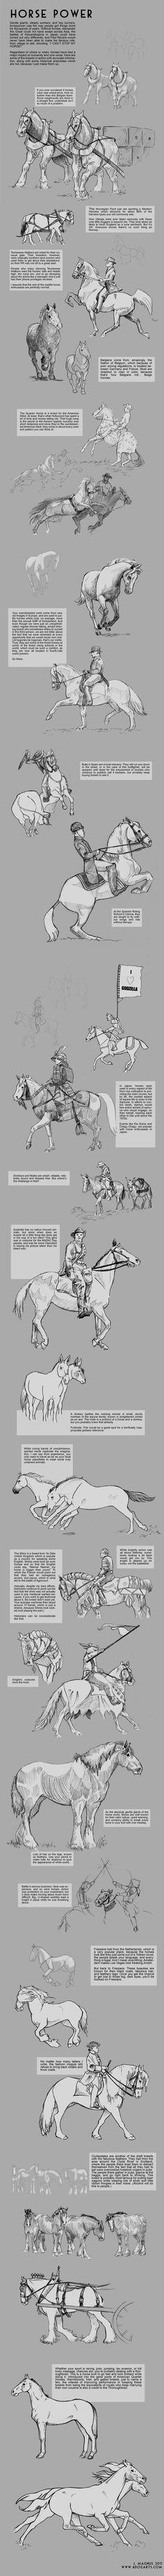 Horse Power Tutorial by sketcherjak